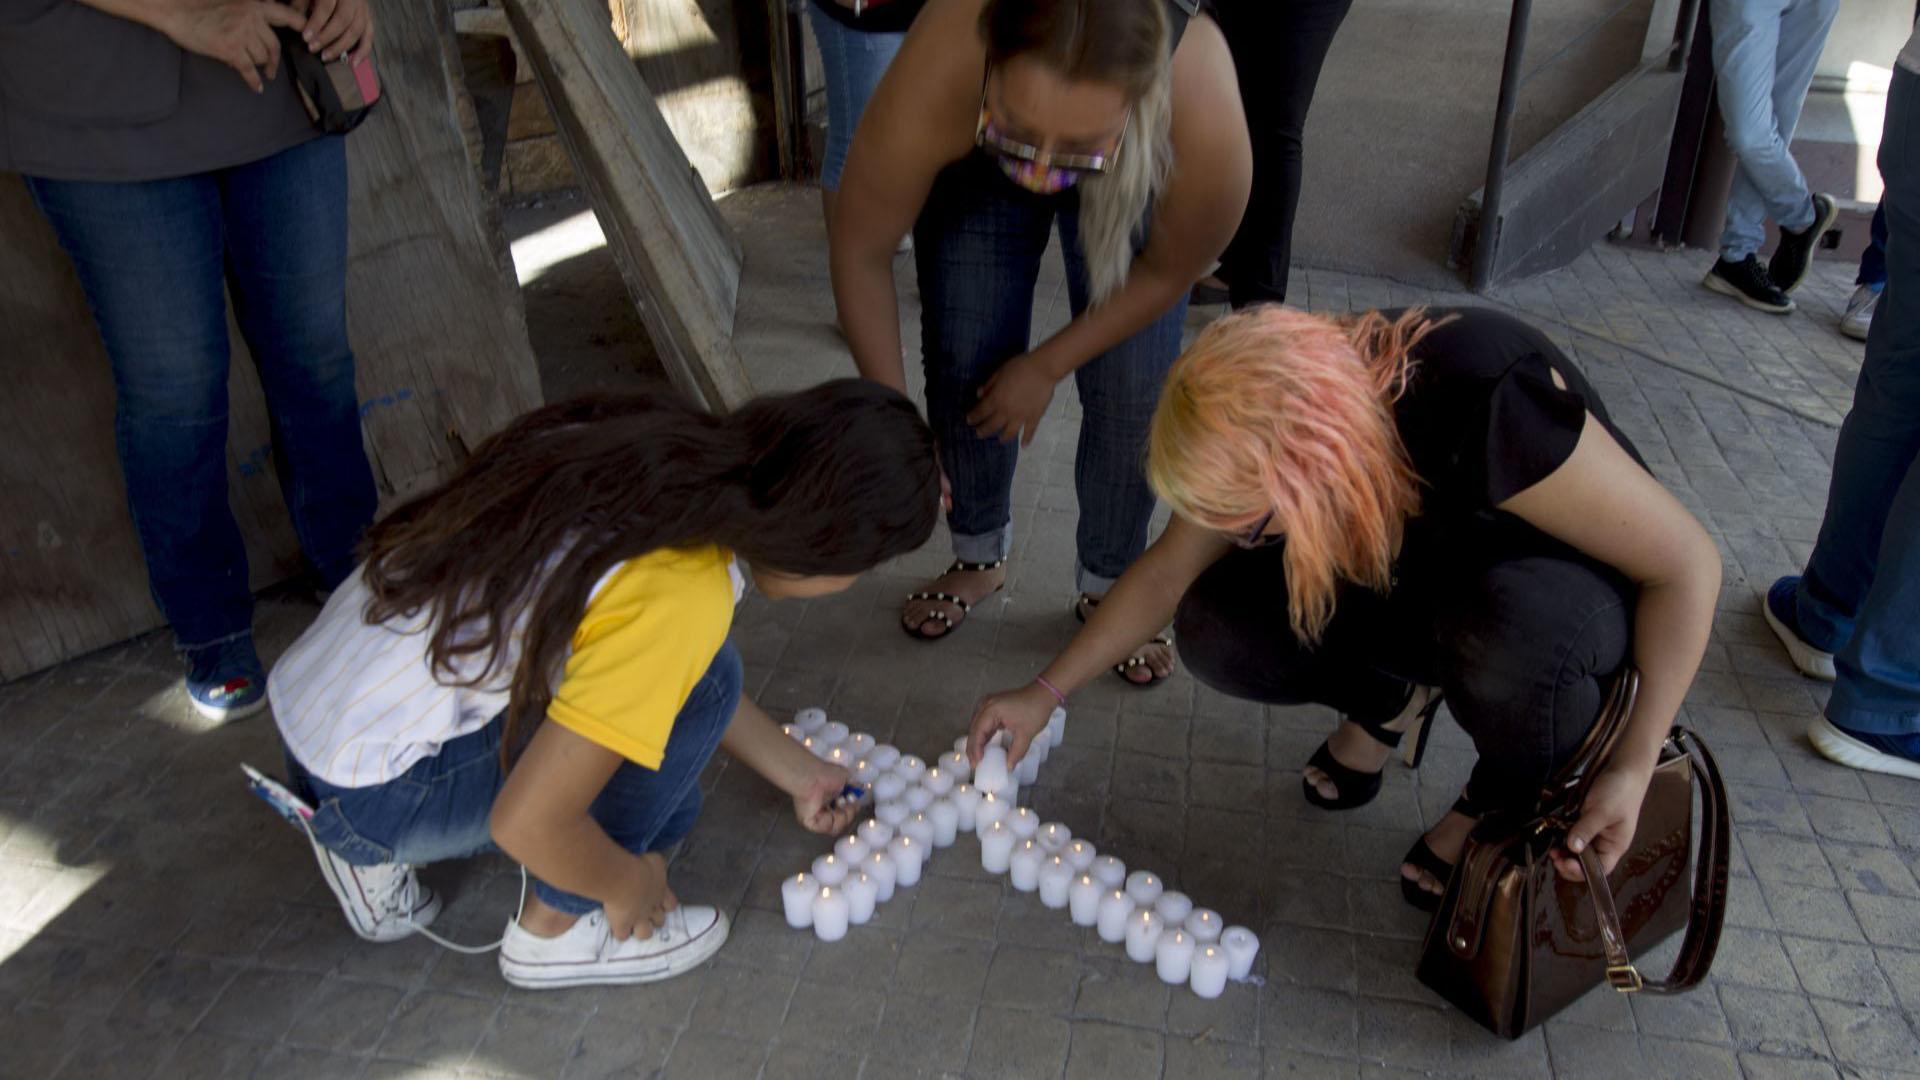 Familiares formaron una cruz de veladoras en la puerta del casino (Foto: Cuartoscuro)